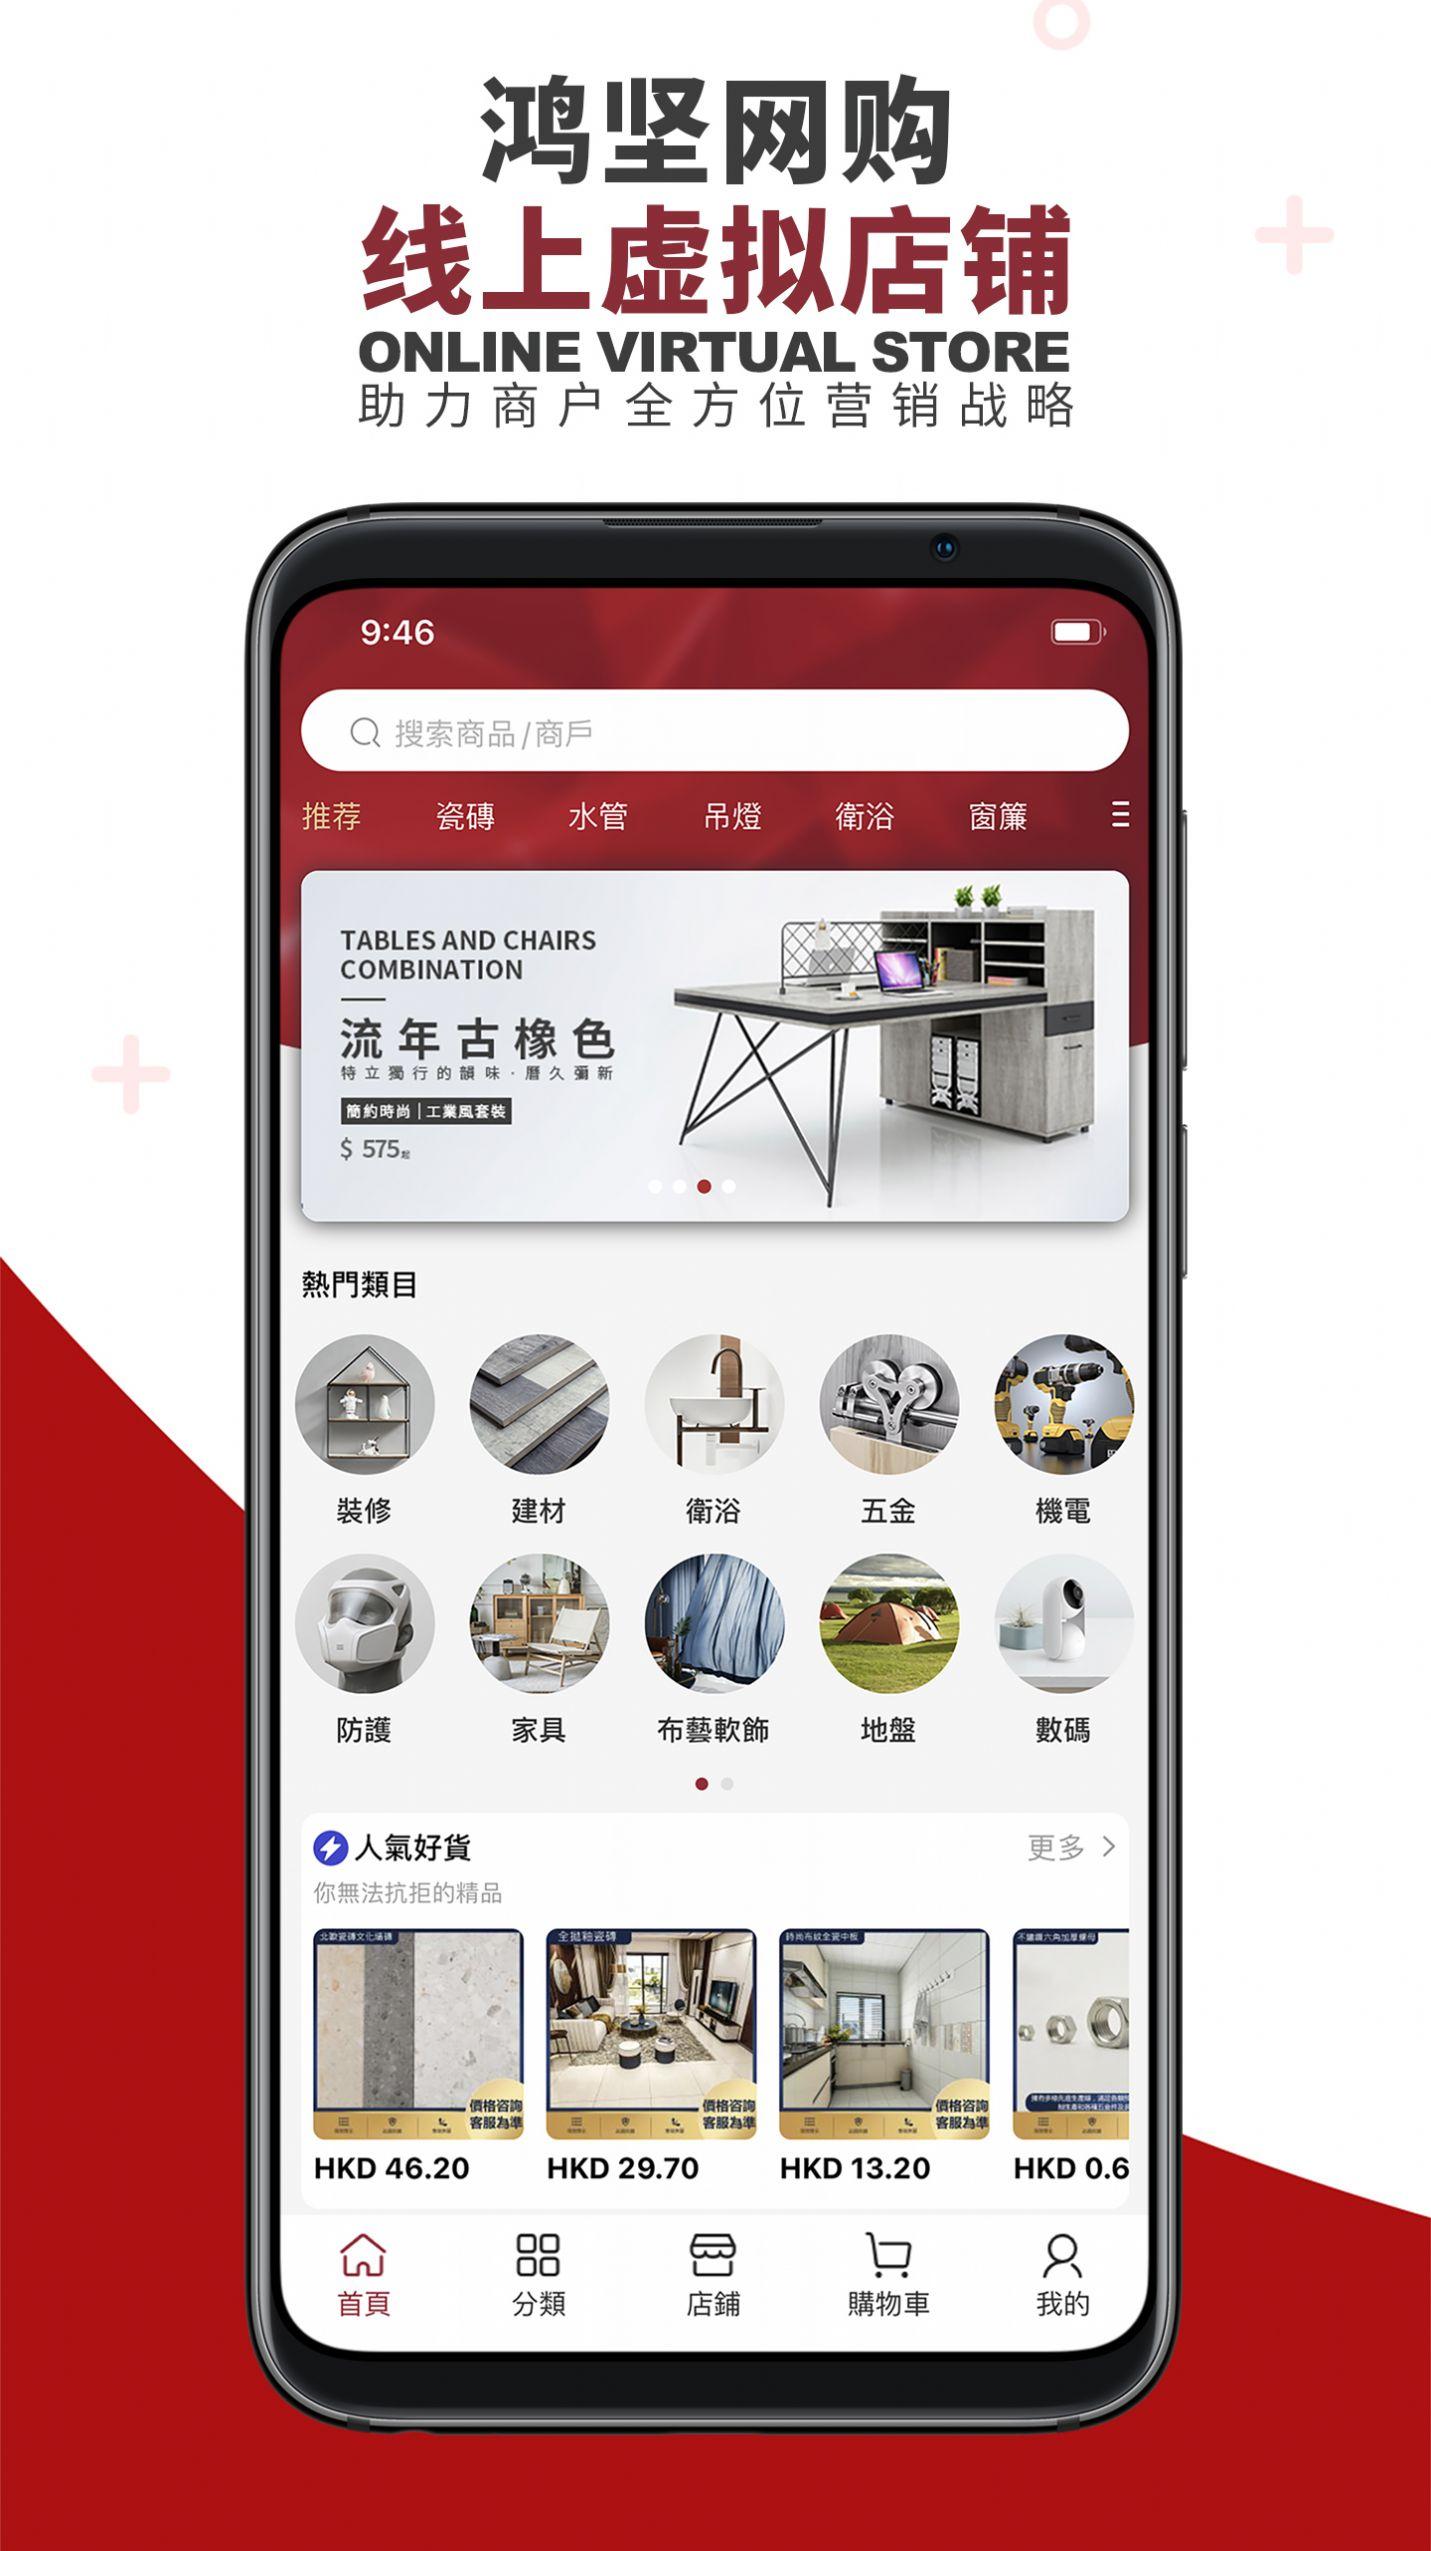 鸿坚网购APP安卓版图3: